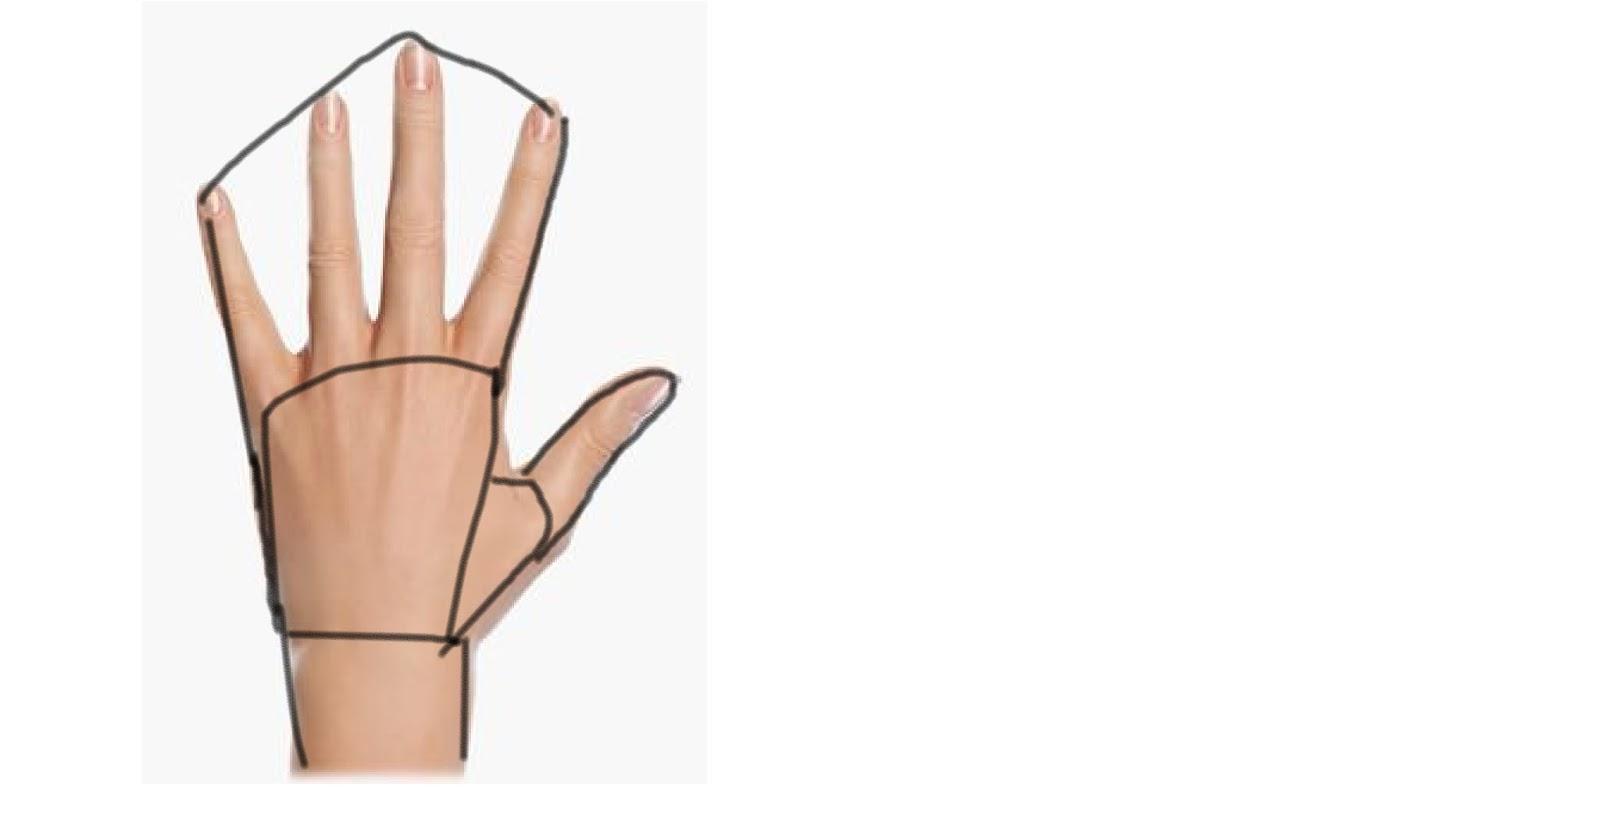 kalian bisa lihat kalau di buat pola tangan akan berbentuk seperti di atas